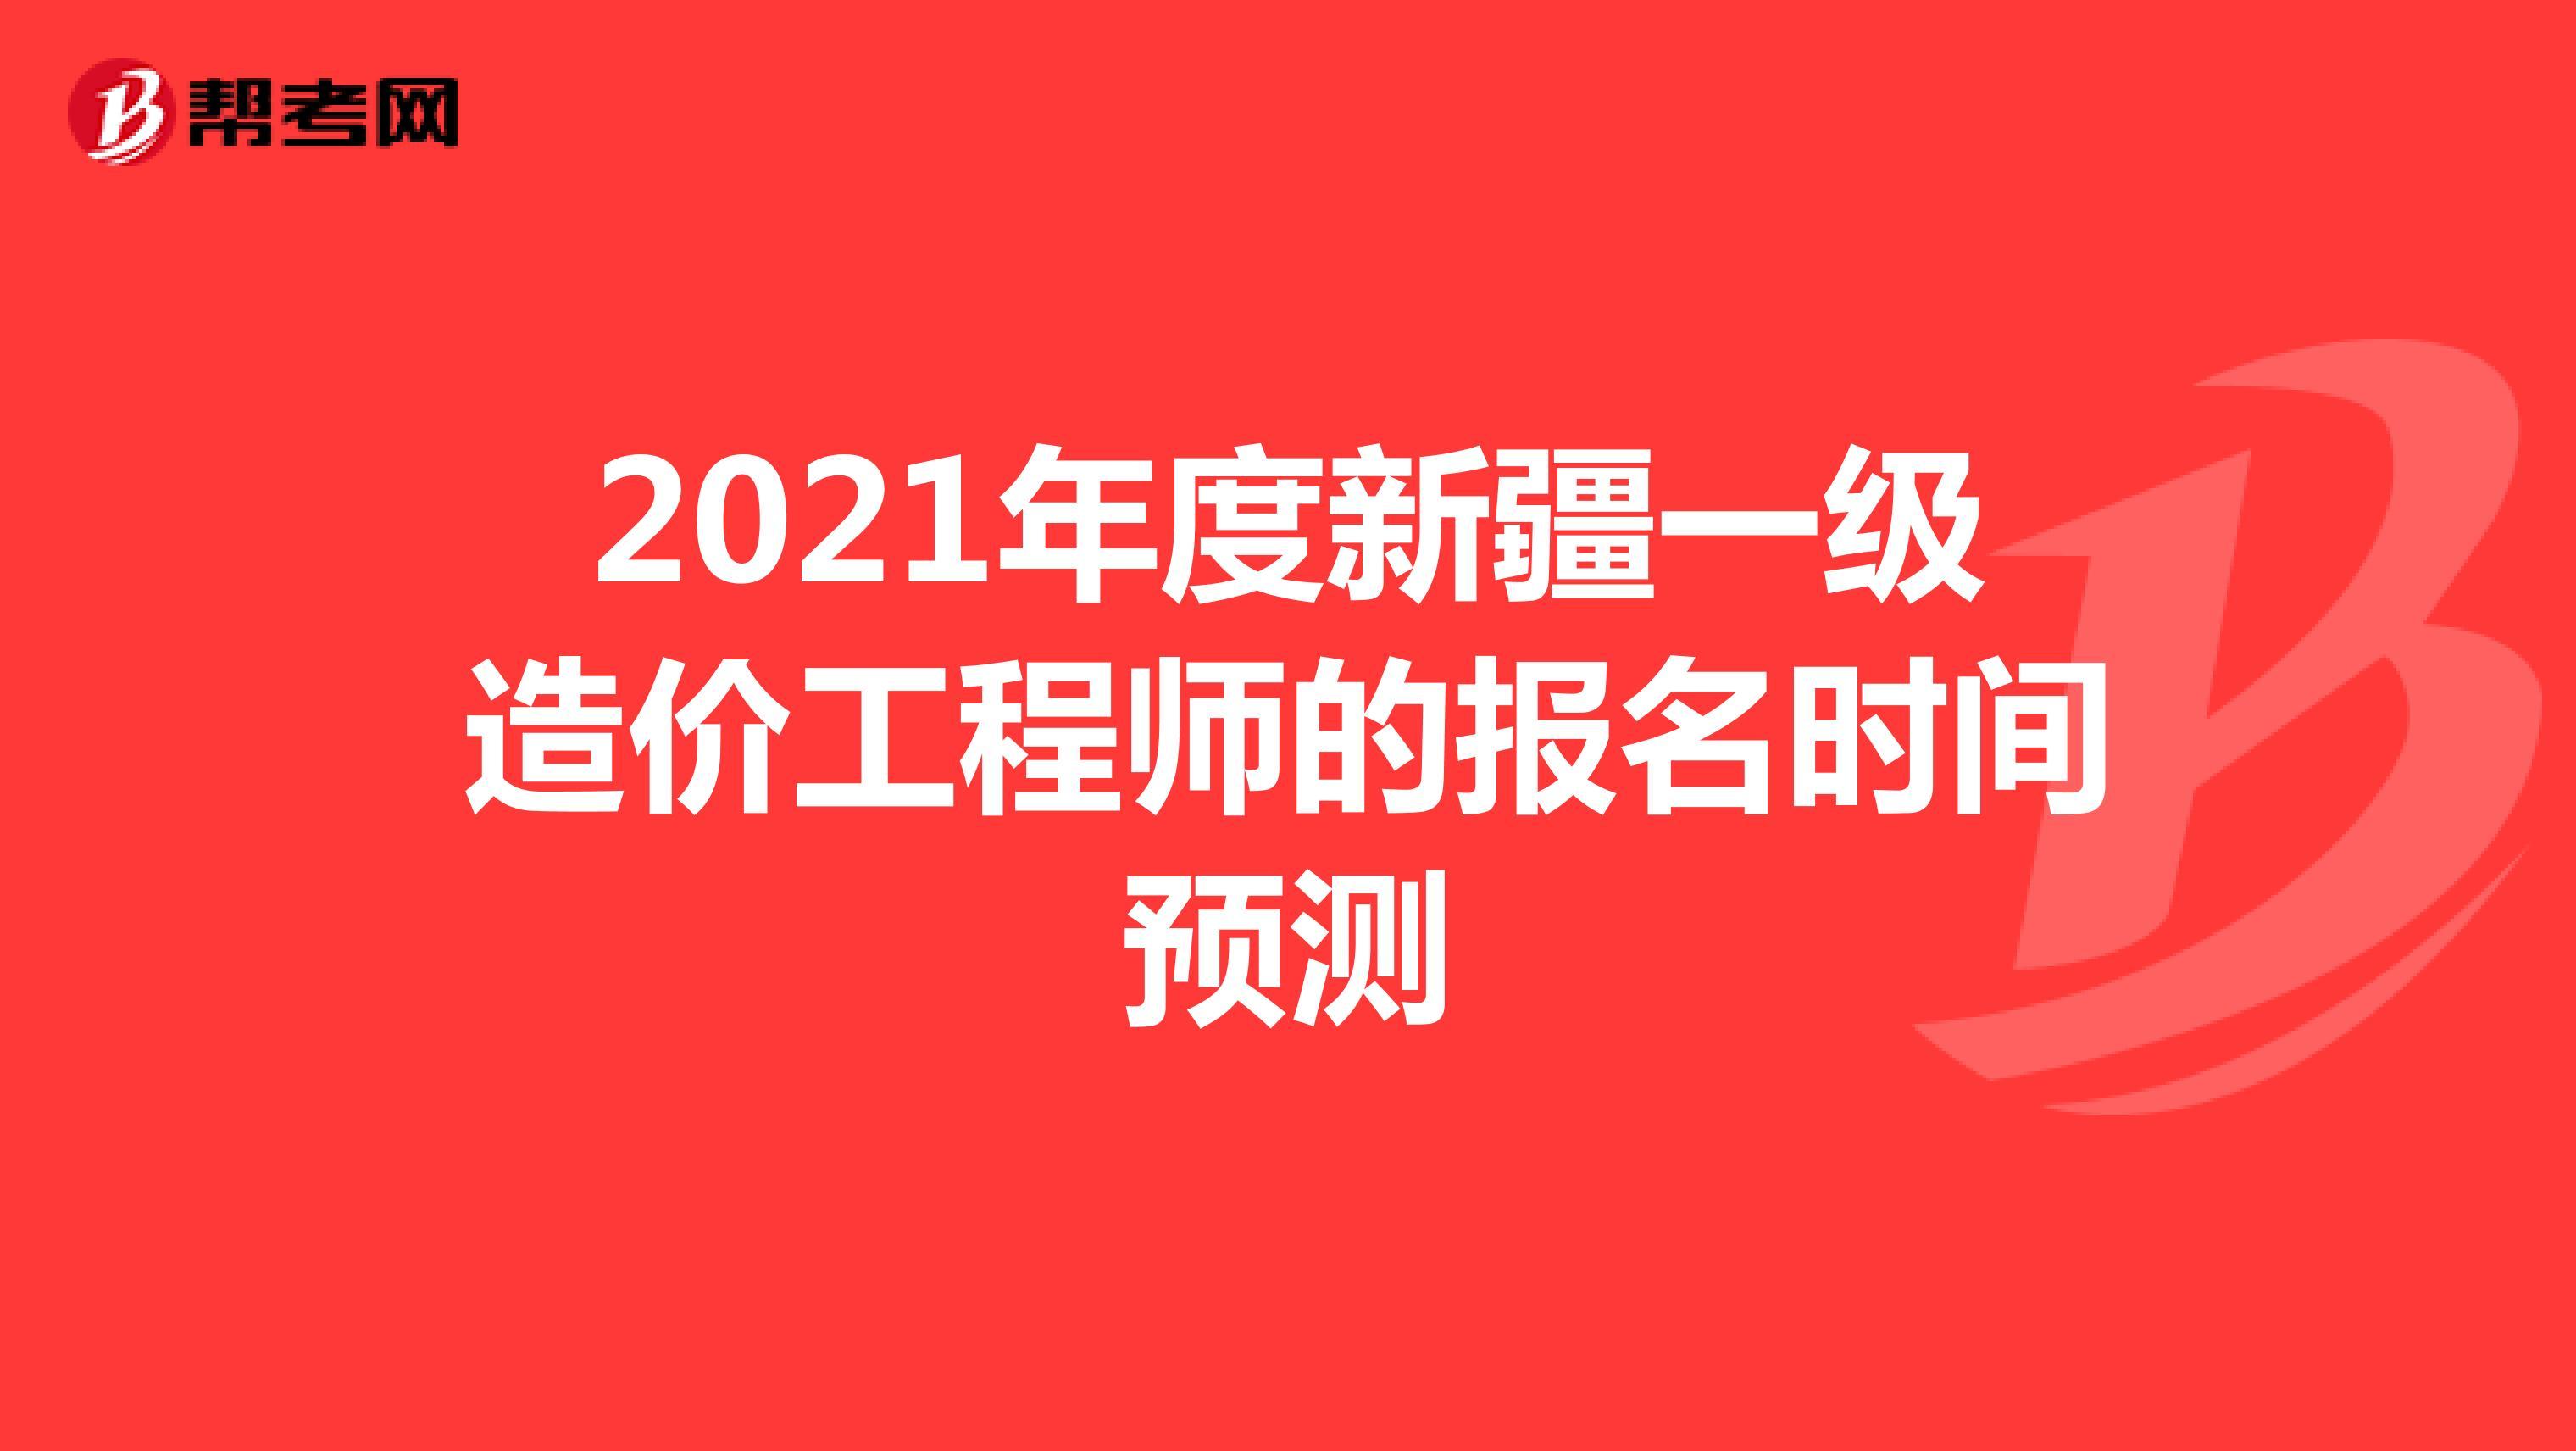 2021年度新疆一级造价工程师的报名时间预测